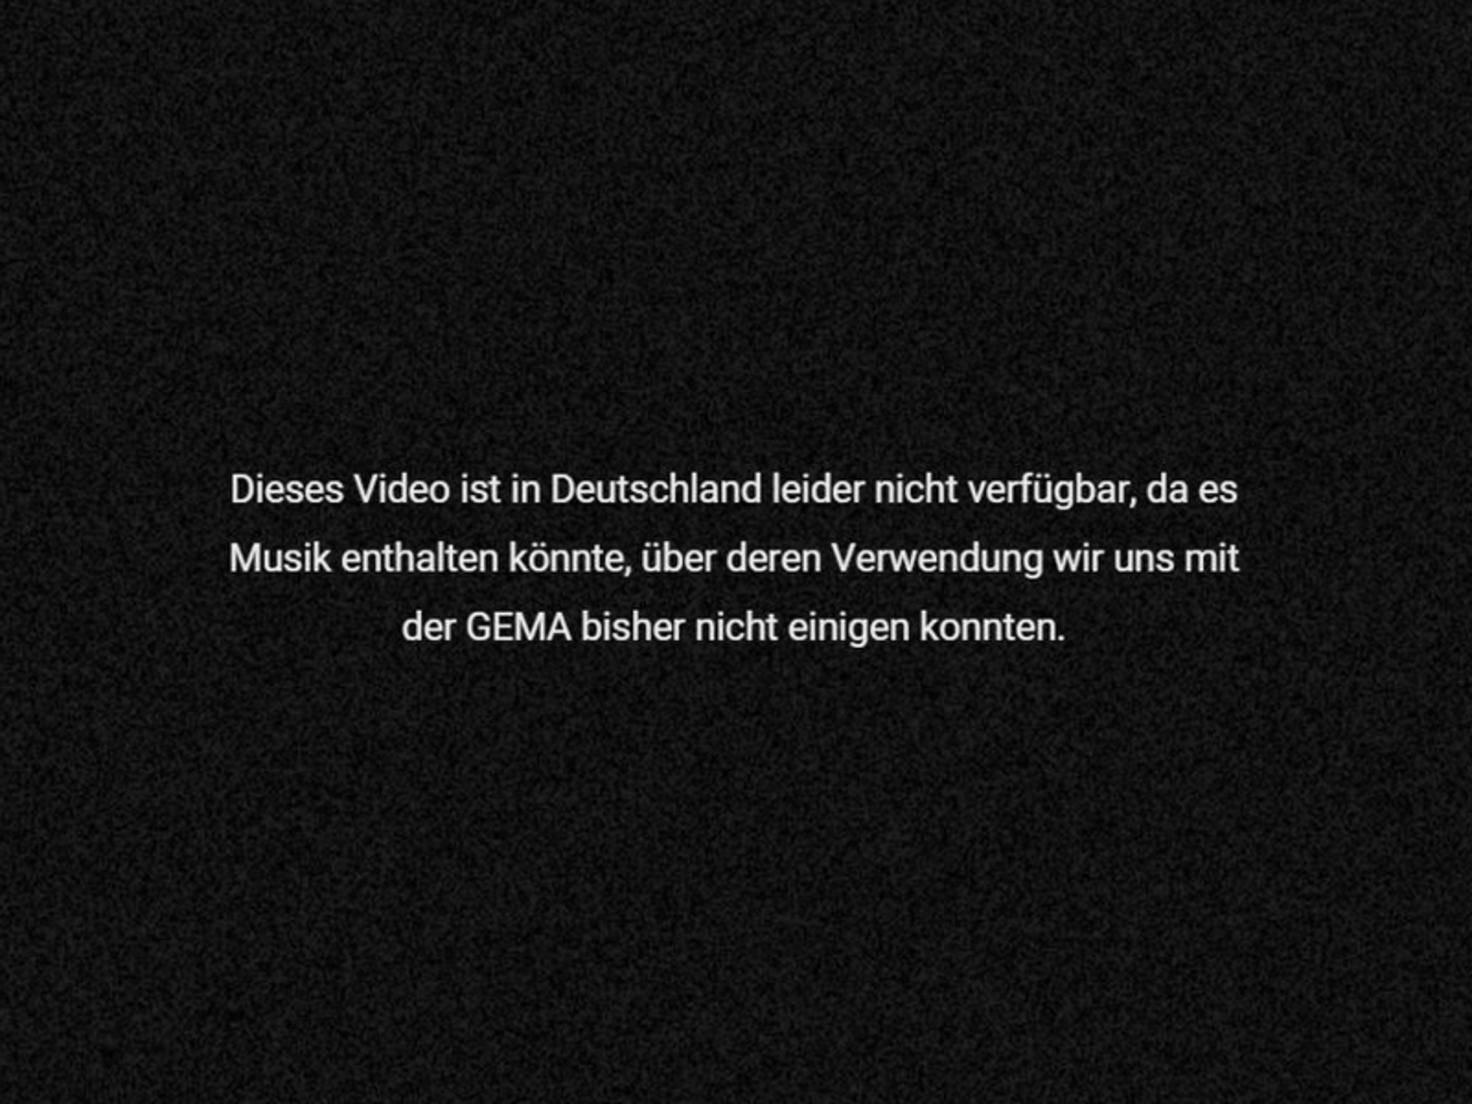 YouTube_GEMA